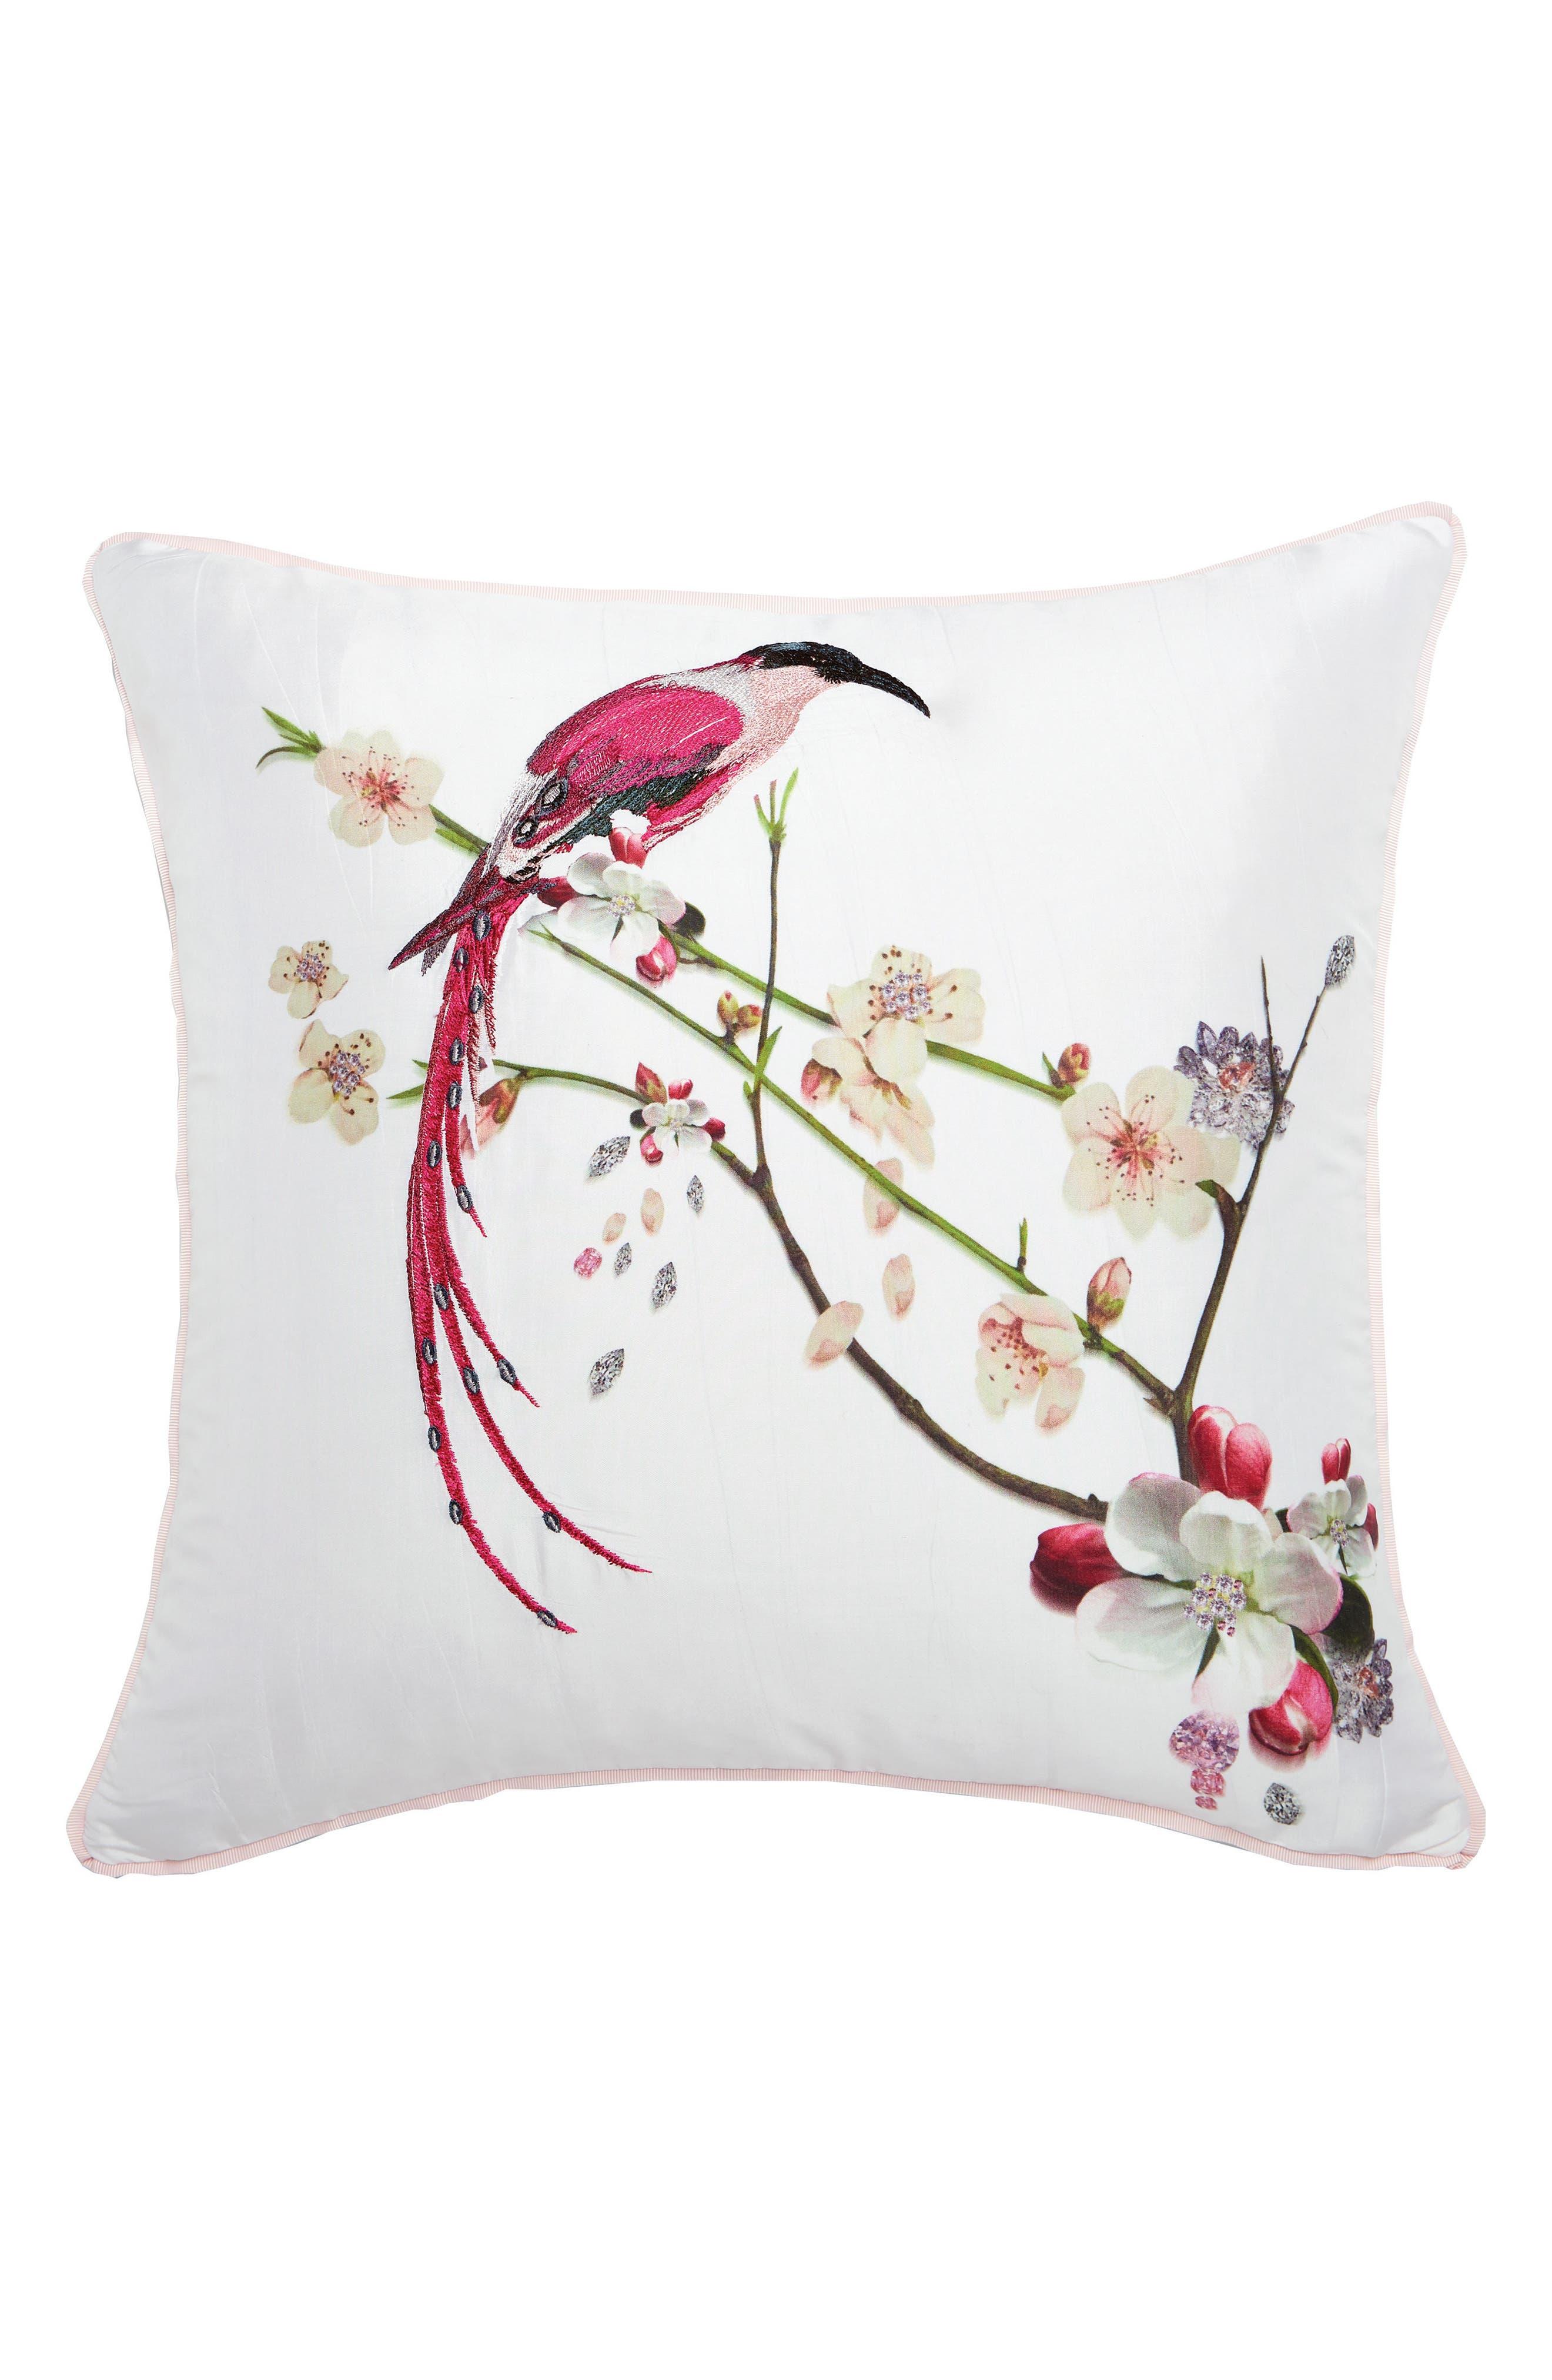 TED BAKER LONDON Bird Print Pillow, Main, color, 100